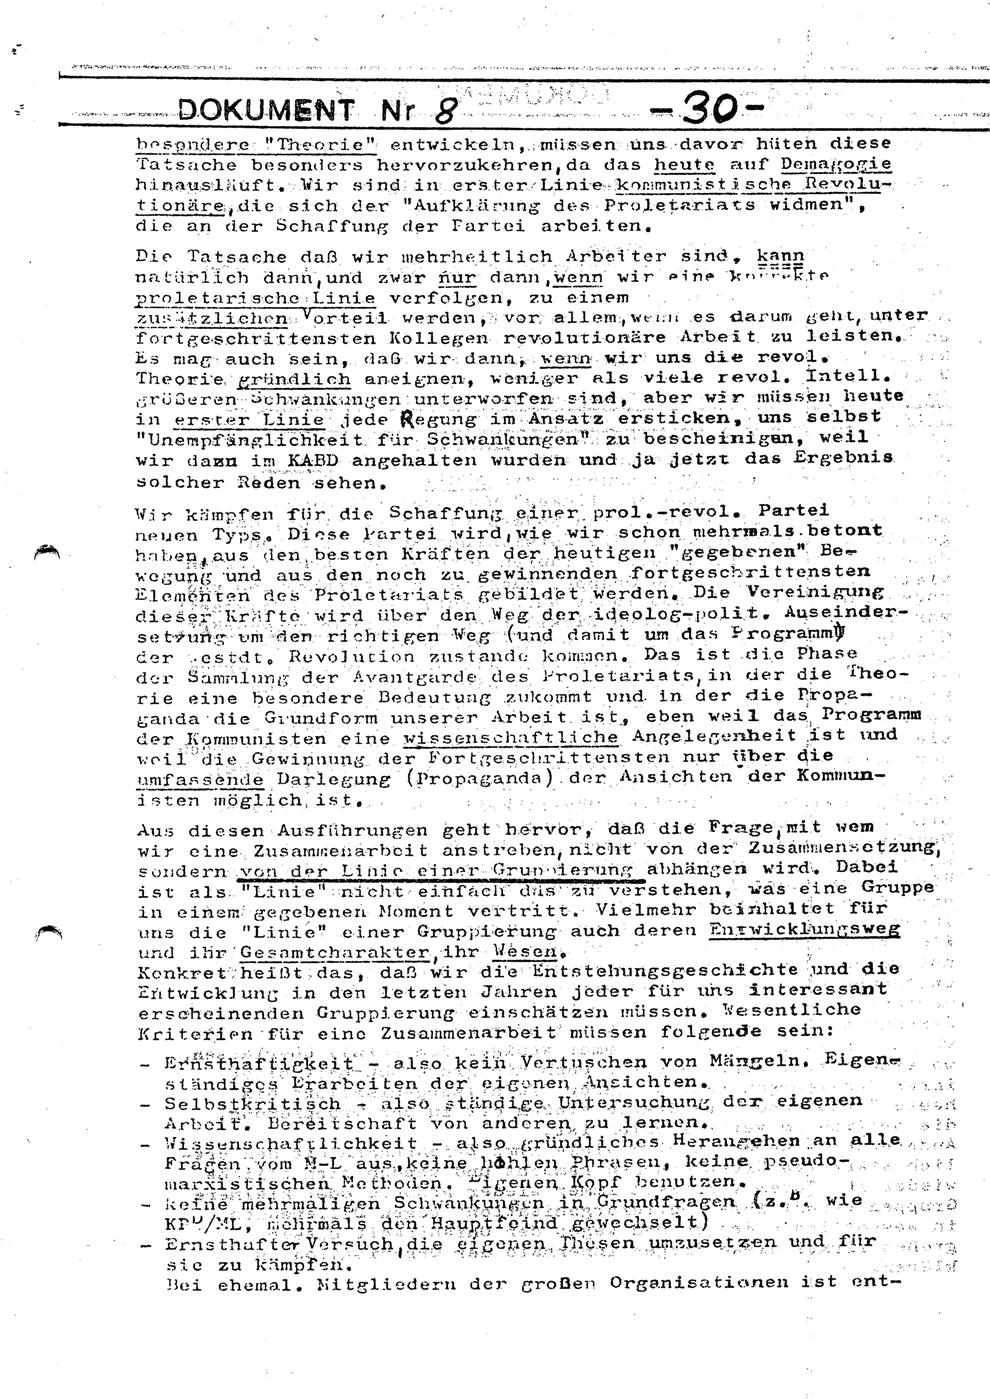 KABRW_Arbeitshefte_1977_24_030